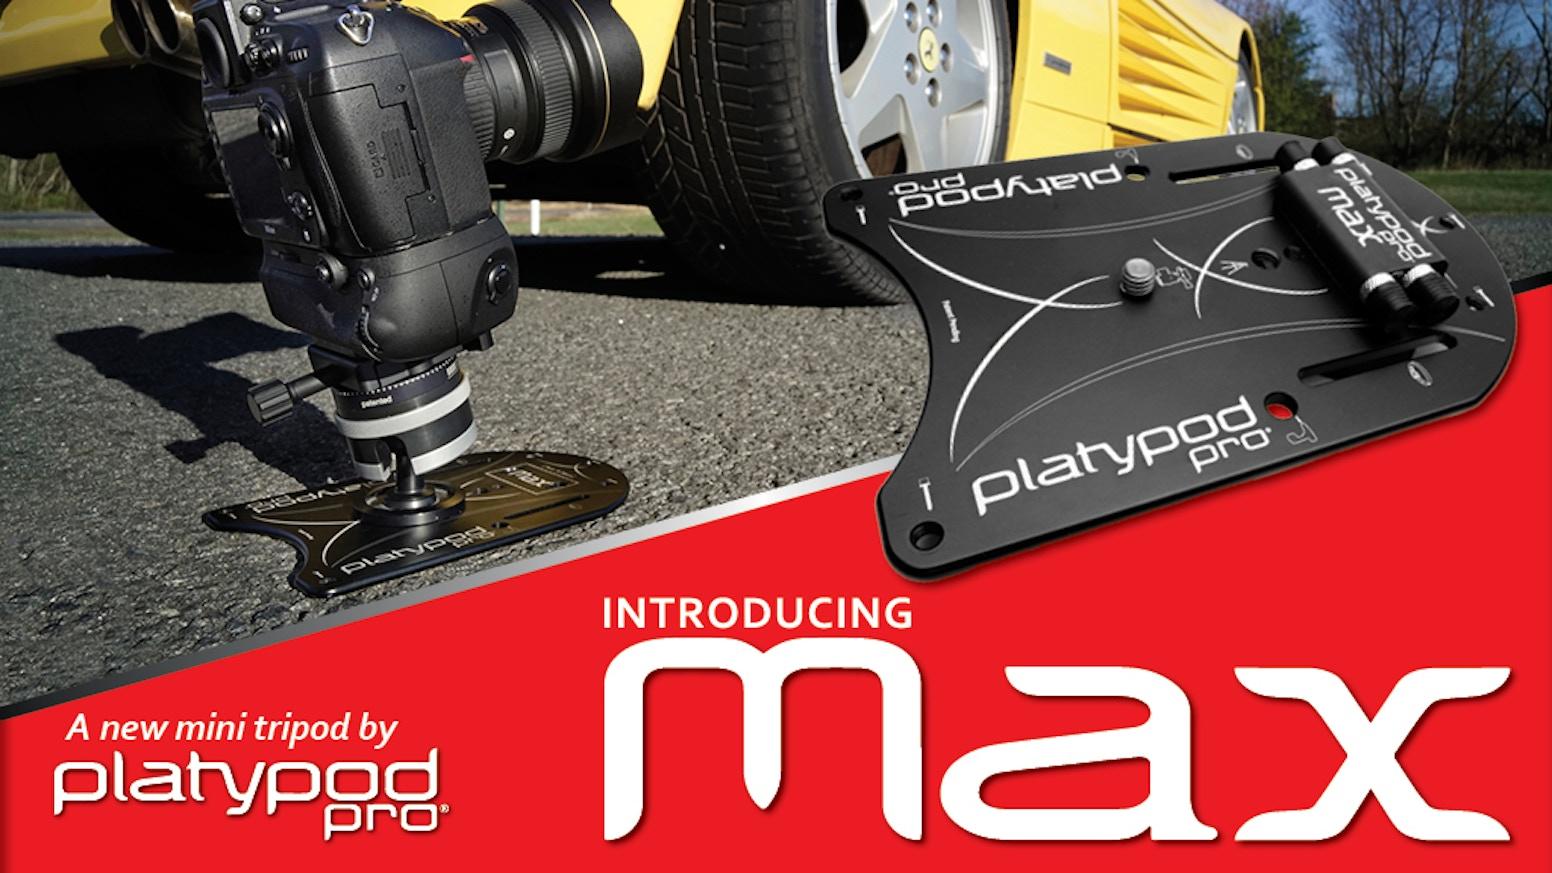 platypod pro max by larry tiefenbrunn kickstarter. Black Bedroom Furniture Sets. Home Design Ideas